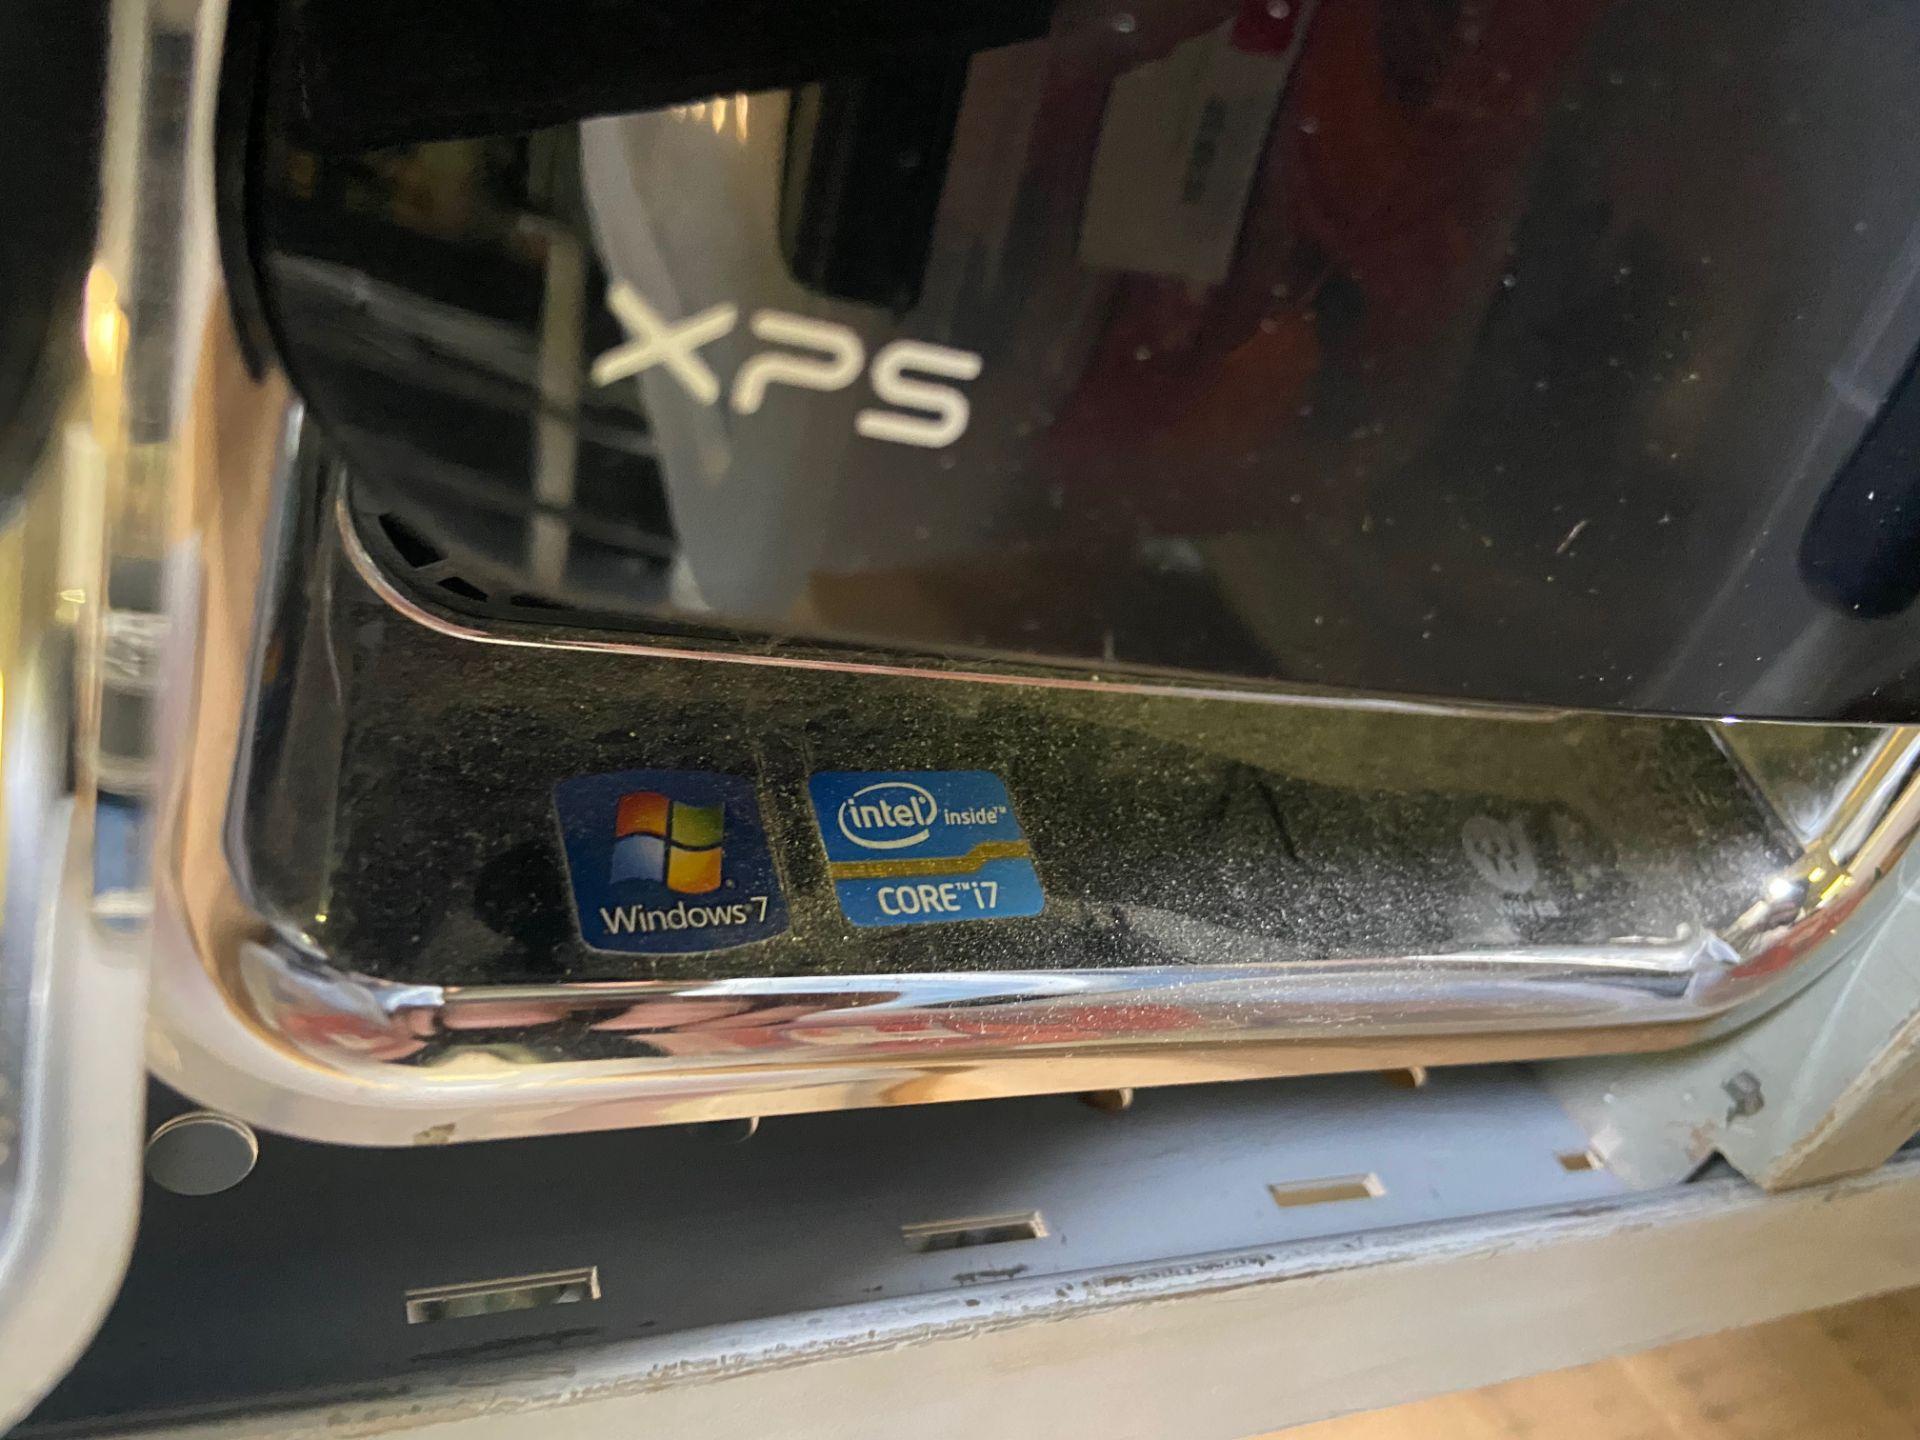 Dell XPS Desktop Computers, Total Qty 4, Qty 3 Intel i7 Processor, Qty 1 Intel i5 Processor, - Image 4 of 6